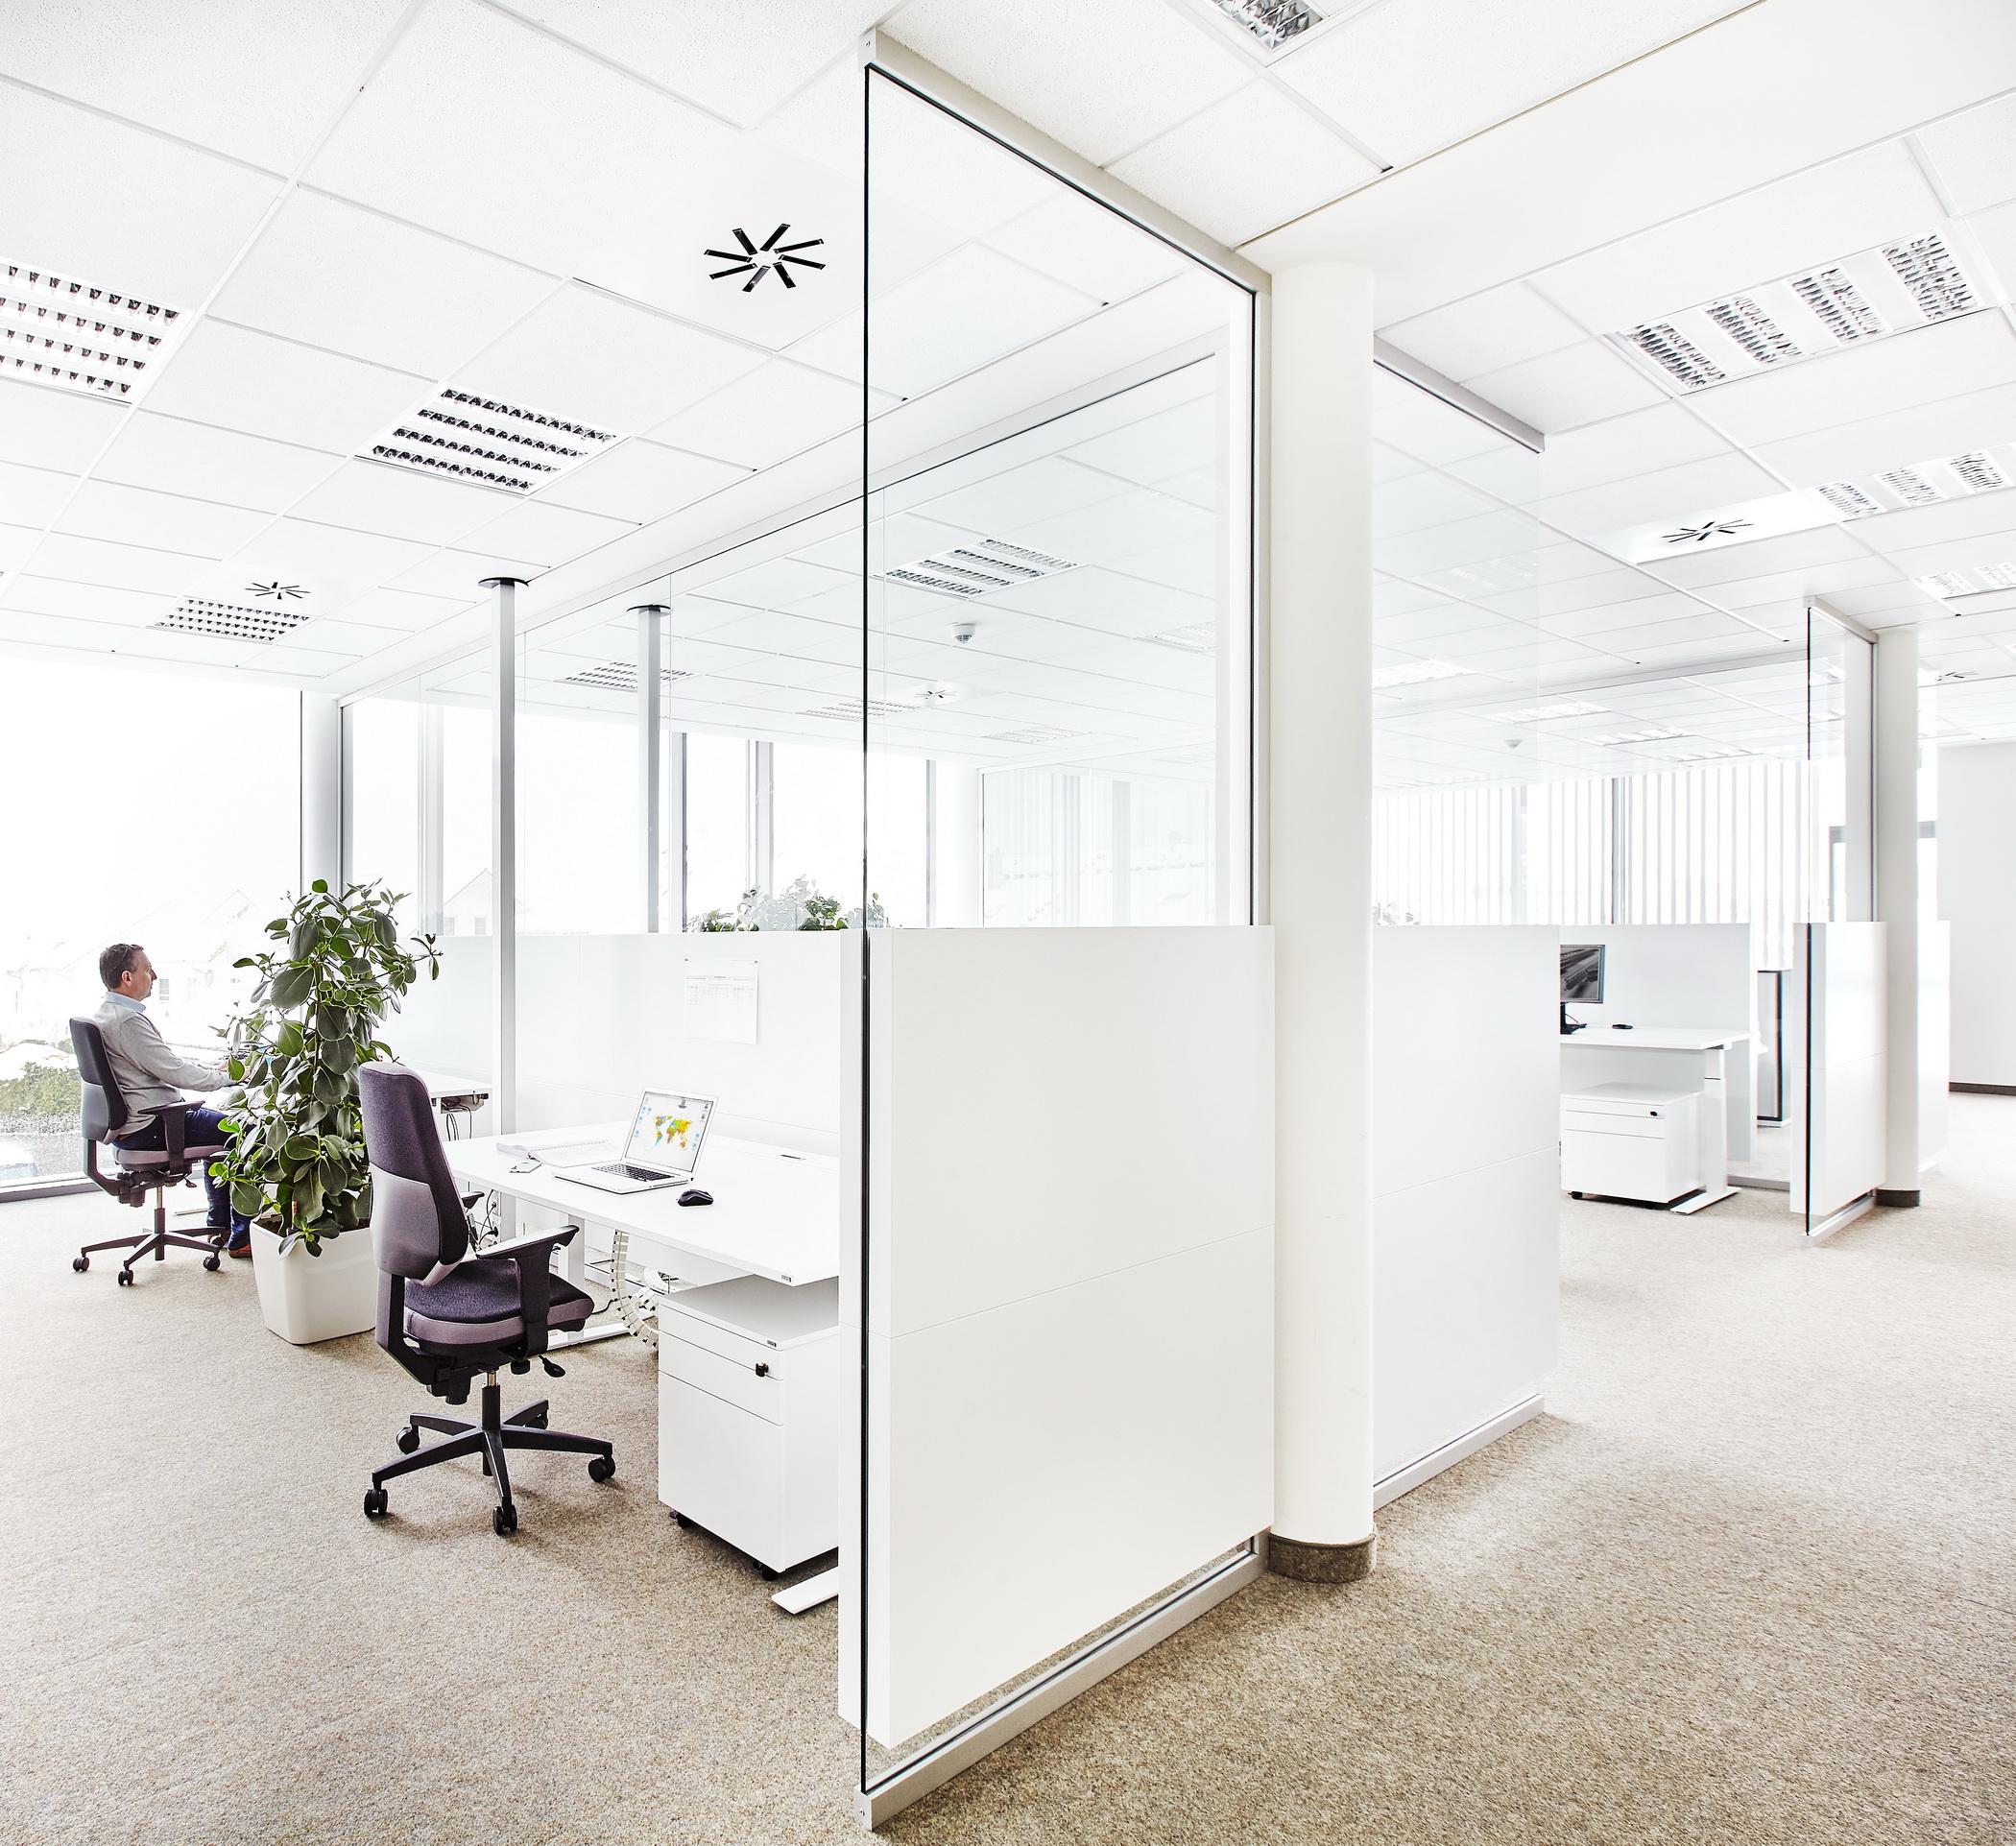 Https://.pressebox.de/pressemitteilung/fachverband à Atelier Autonome Grande Section